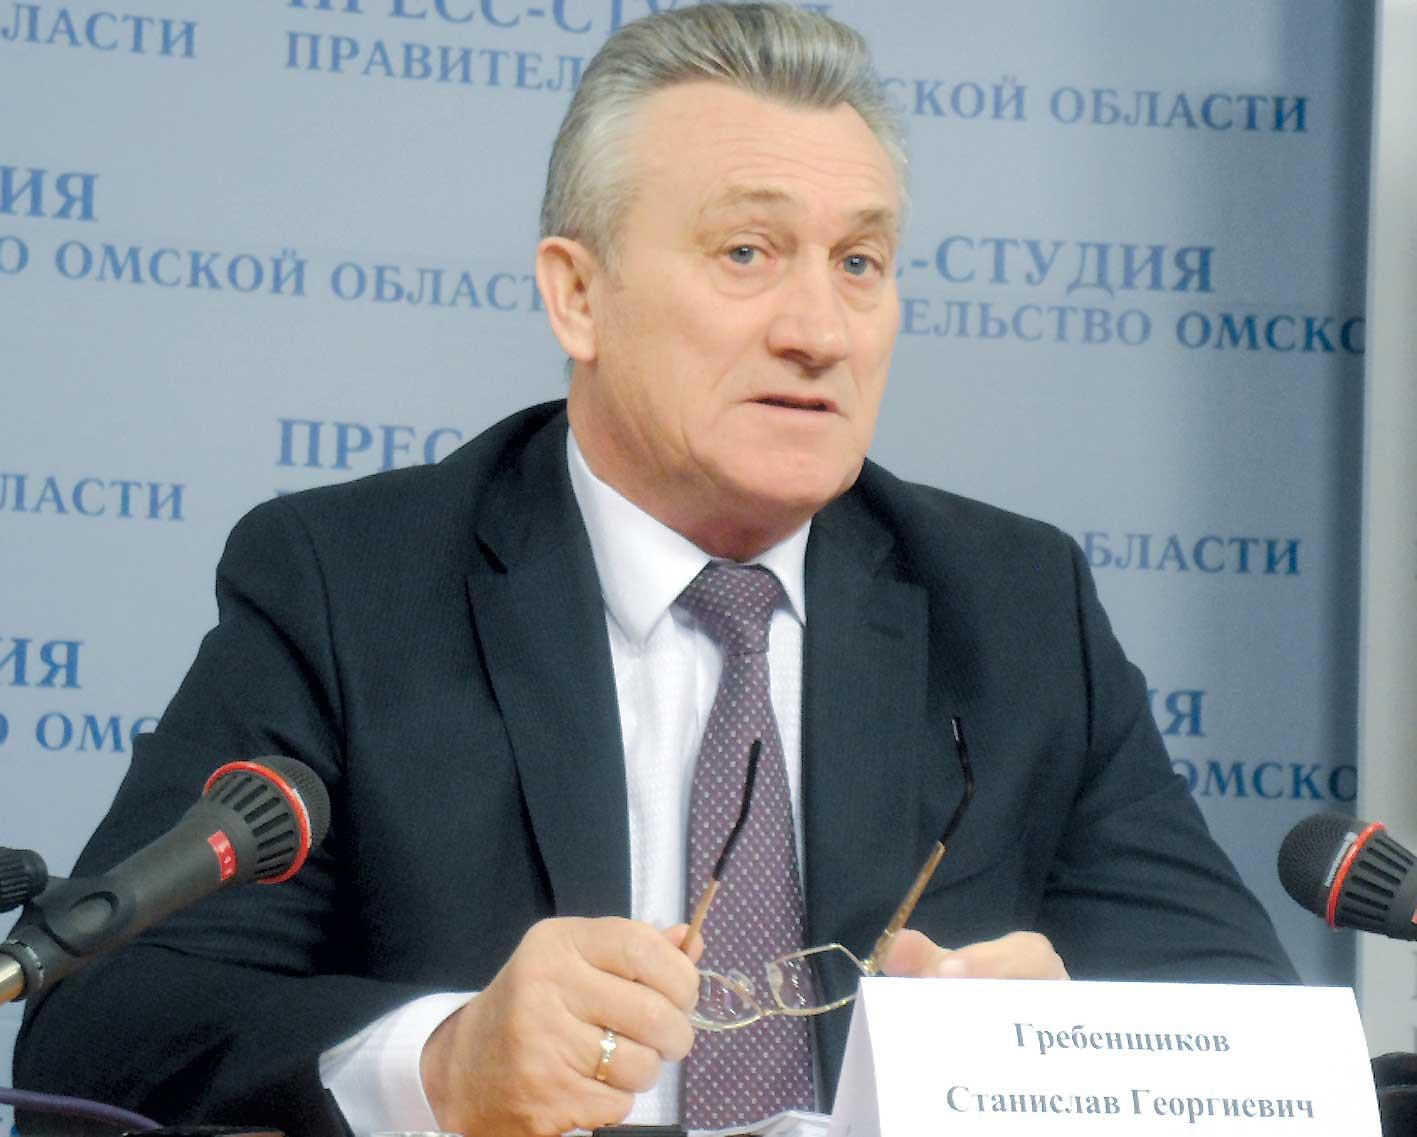 Замглавы руководства Омской области оказался под следствием зазлоупотребления